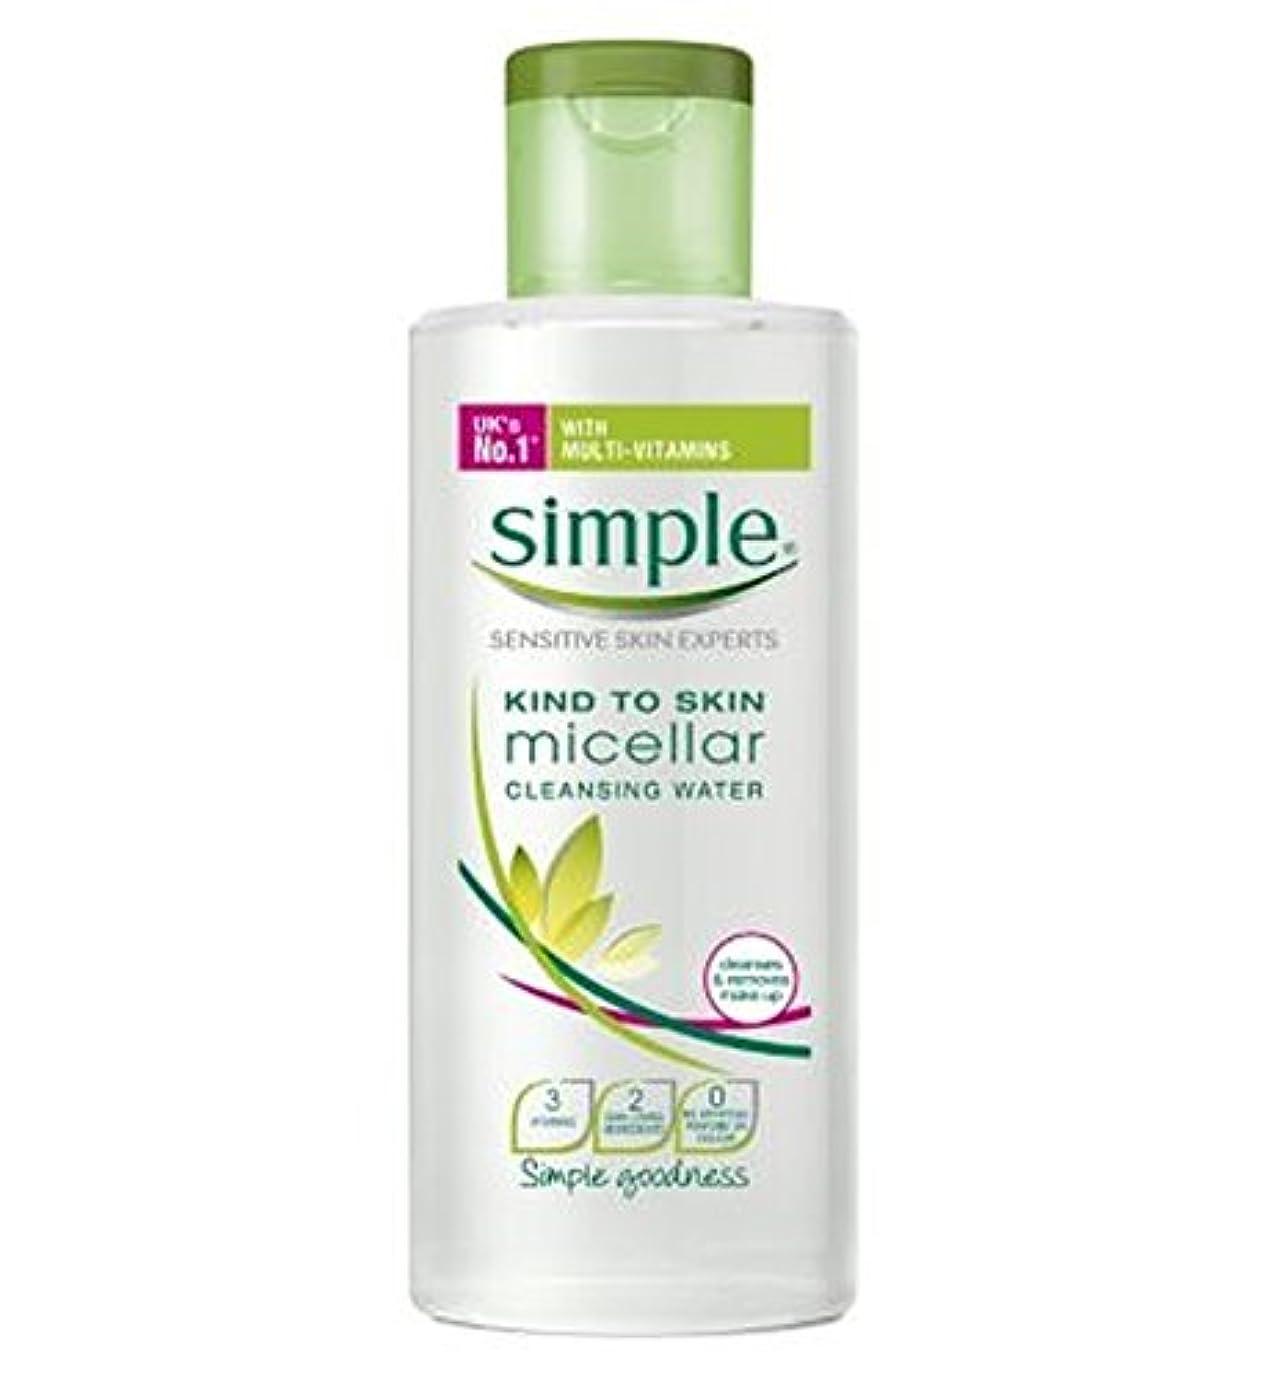 緩めるムスタチオこねるSimple Kind To Skin Micellar Cleansing Water 200ml - 皮膚ミセル洗浄水200ミリリットルに簡単な種類 (Simple) [並行輸入品]